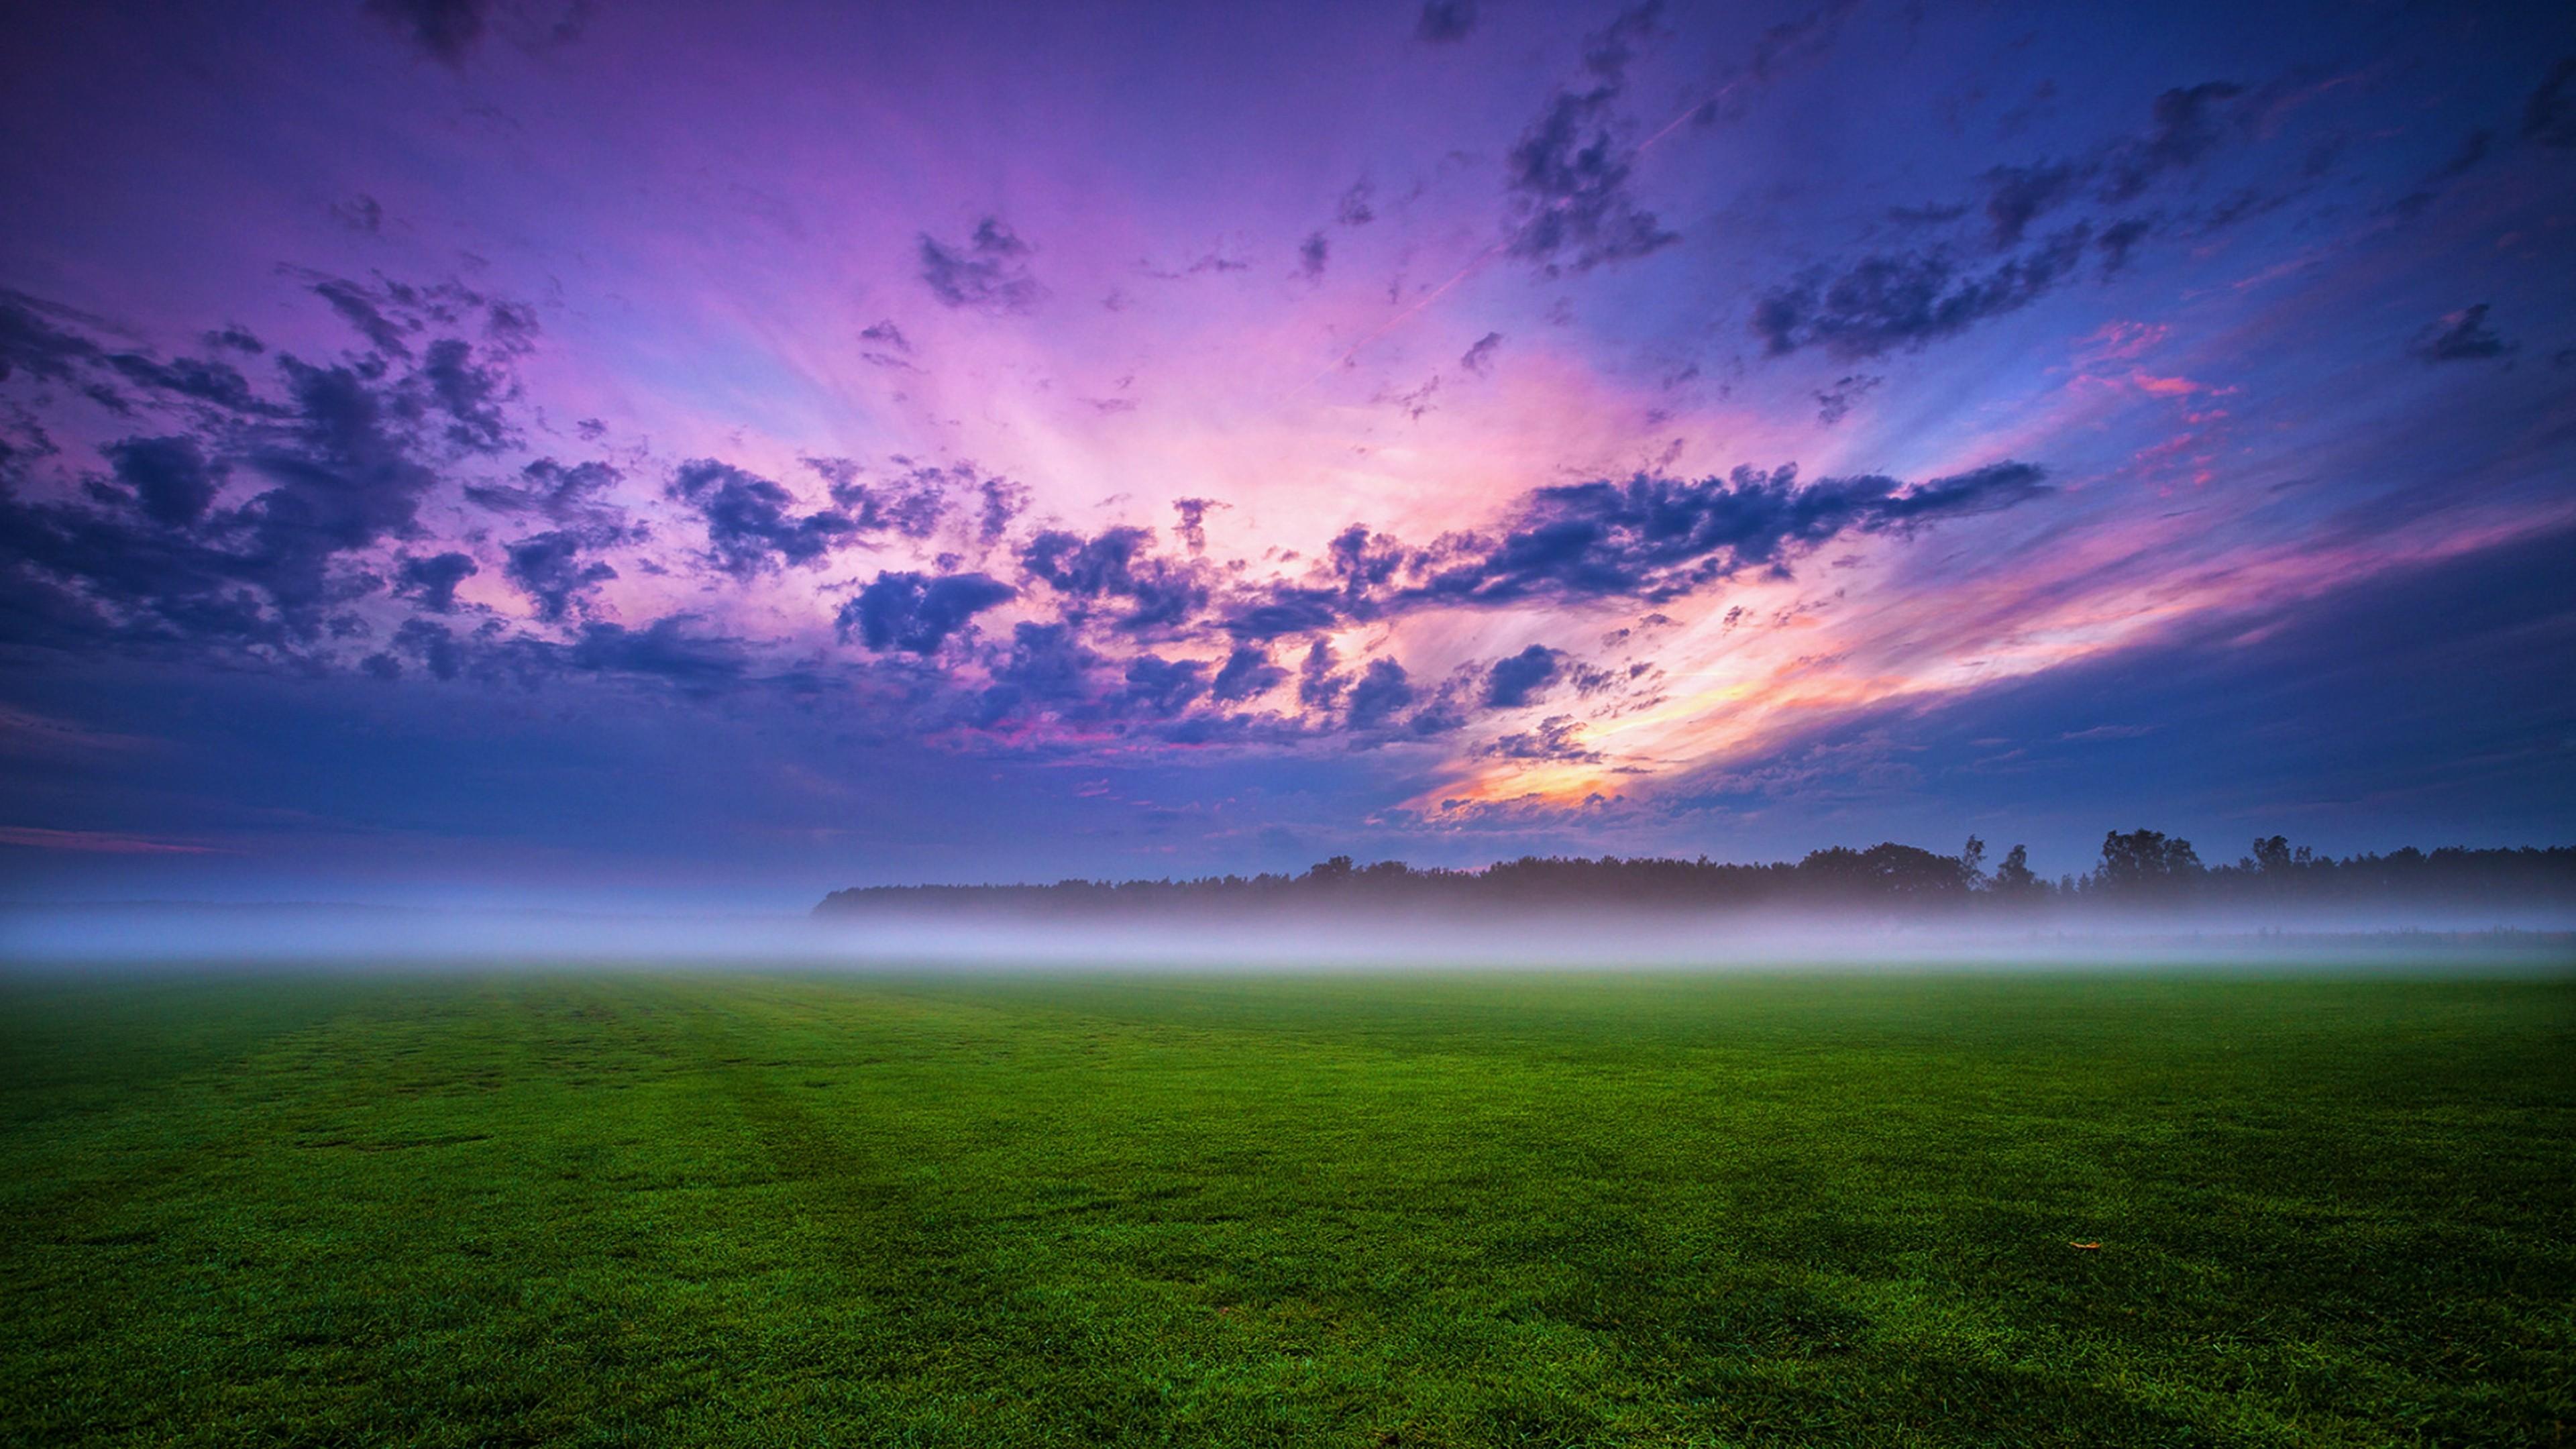 закат лес поле небо облака на телефон